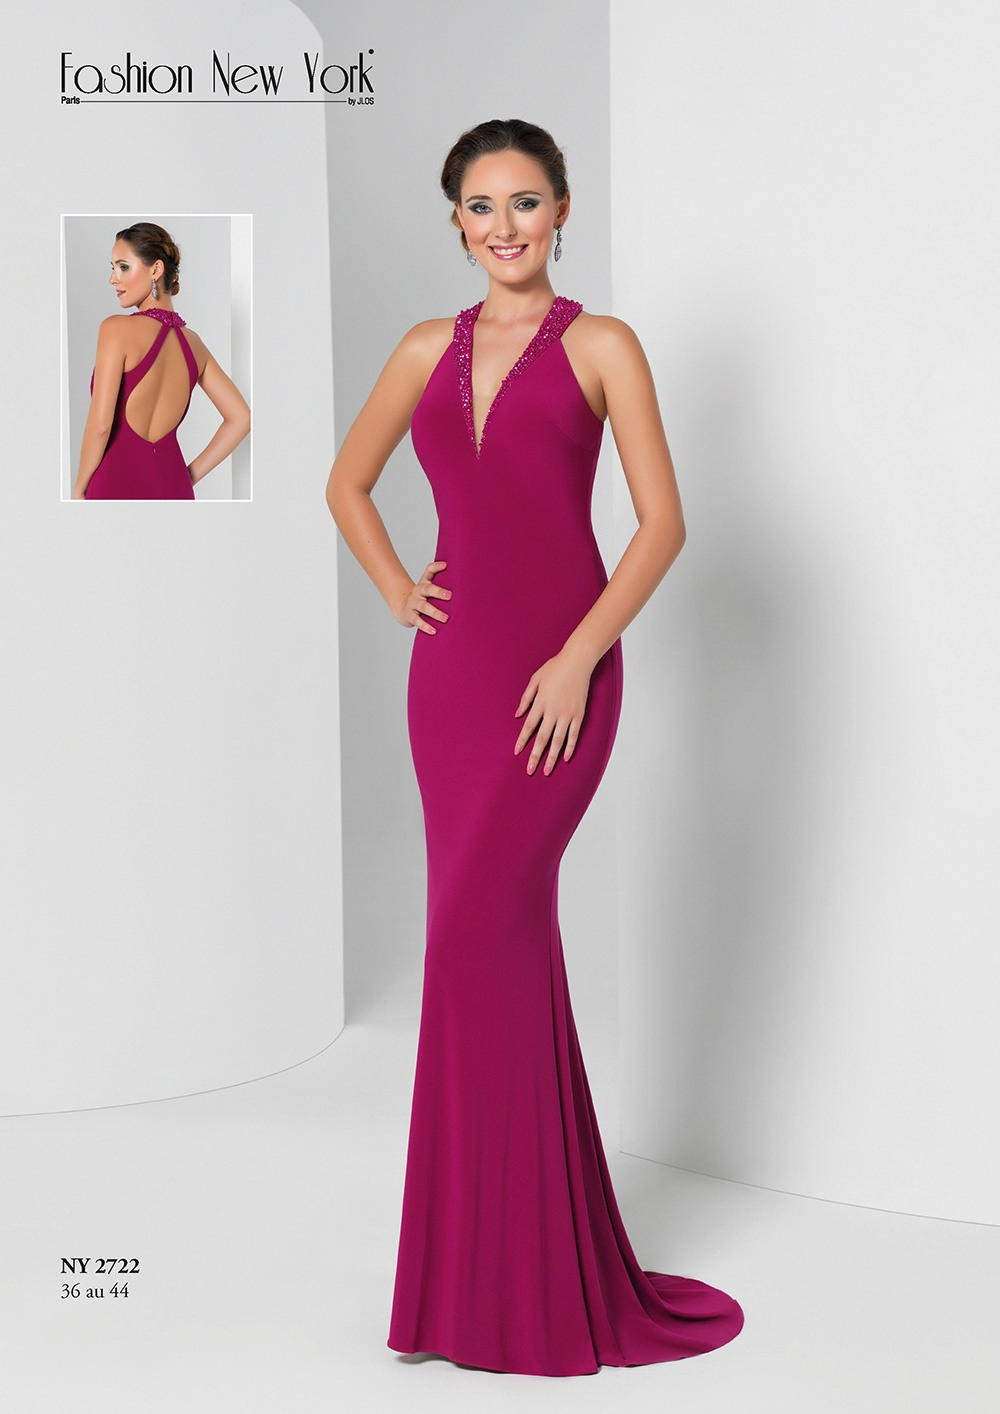 15 Luxurius Kleider Abendmode Vertrieb15 Einfach Kleider Abendmode Vertrieb